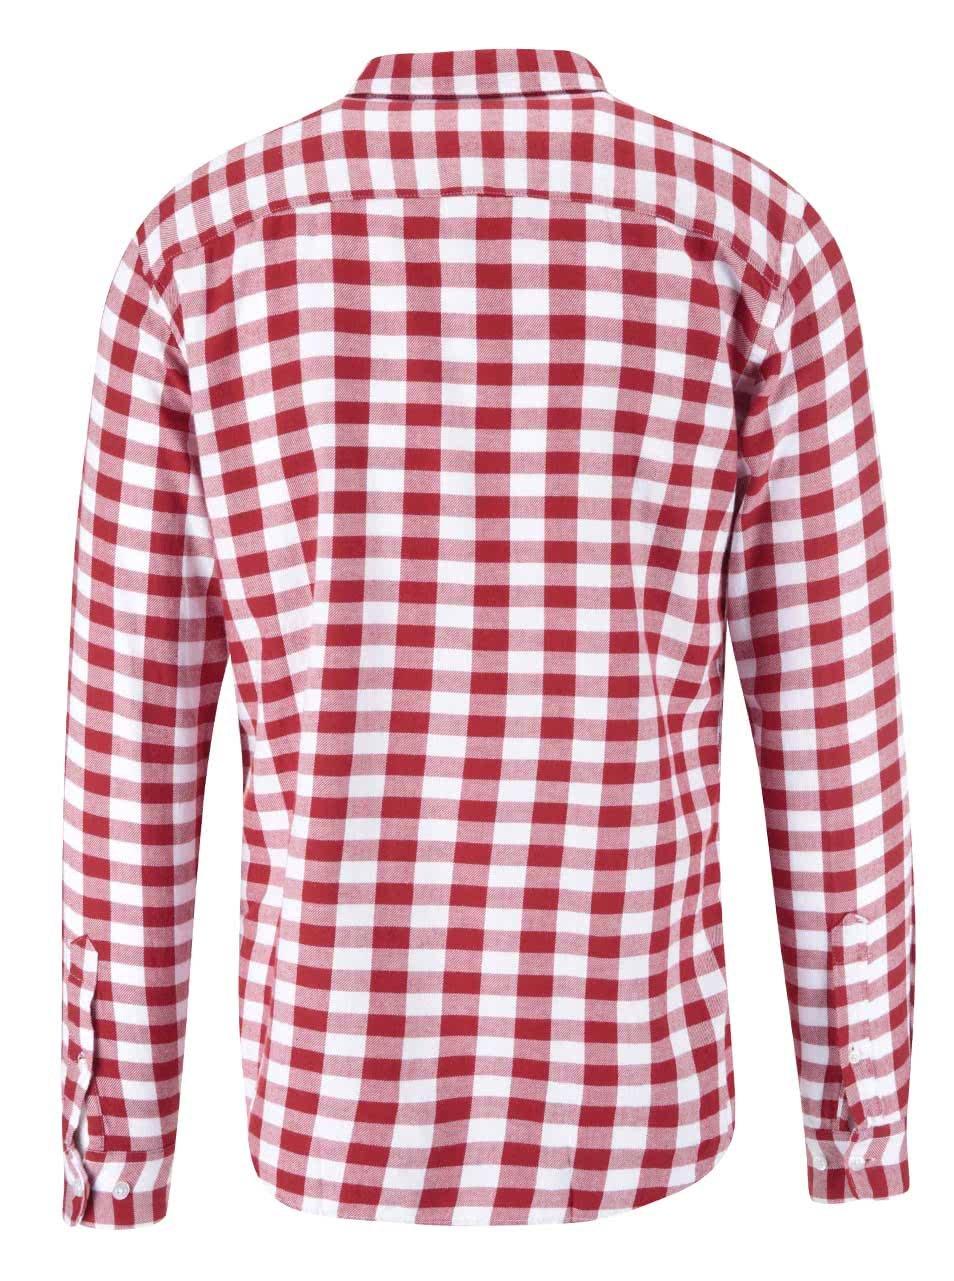 d72de02e4d1d Bielo-červená kockovaná košeľa Jack   Jones Orflanel ...